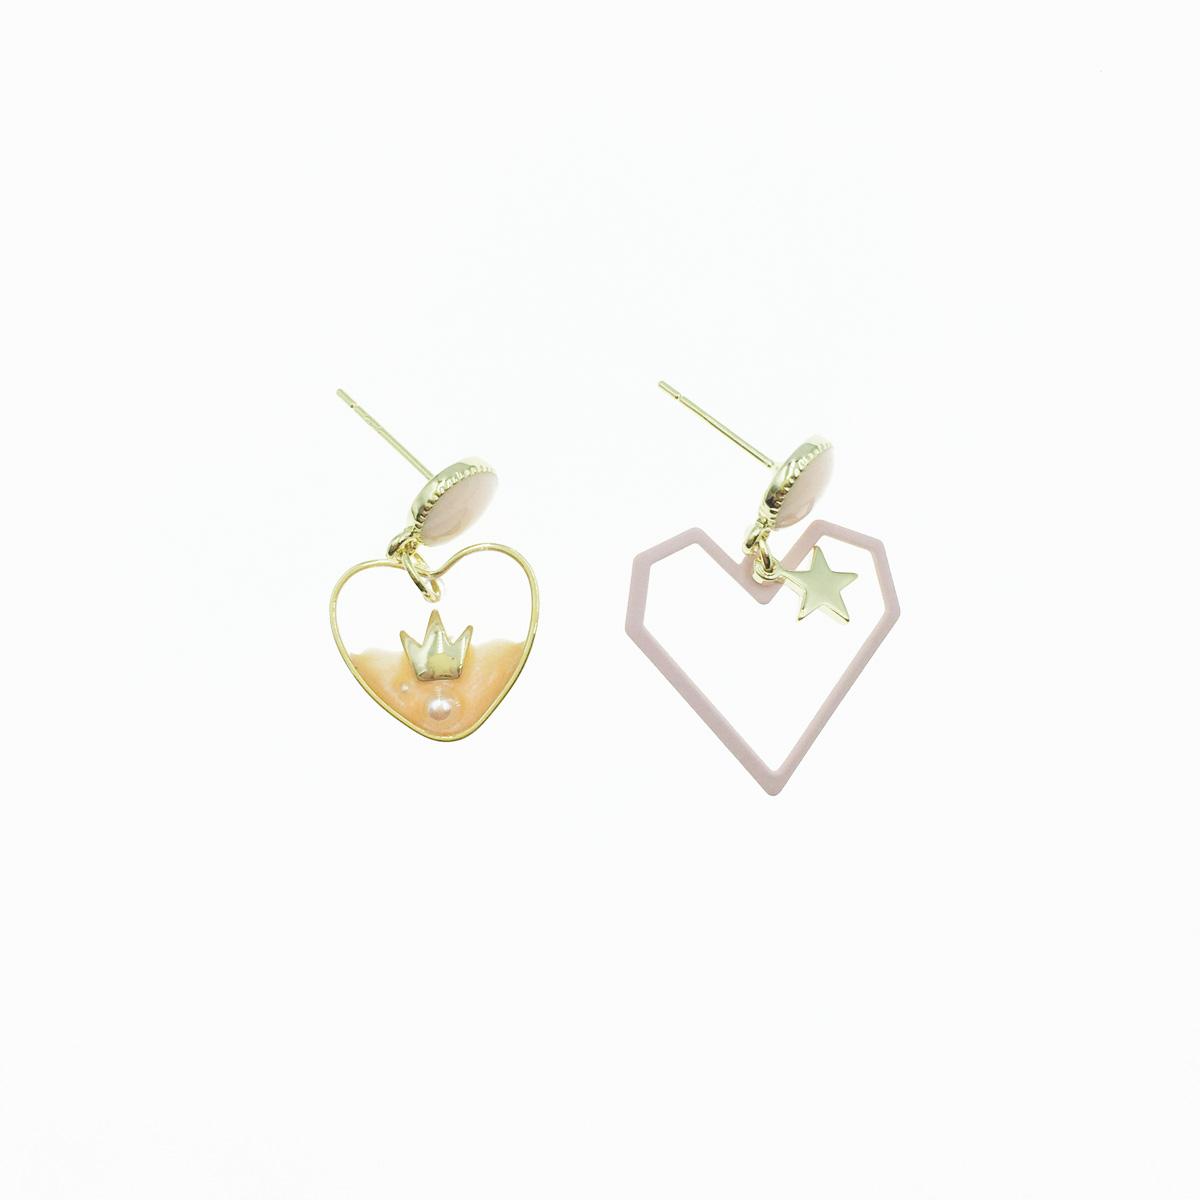 韓國 925純銀 幾何線條愛心 星星 王冠 珍珠 仿流沙 不對稱 可愛 垂墜 耳針式 耳環